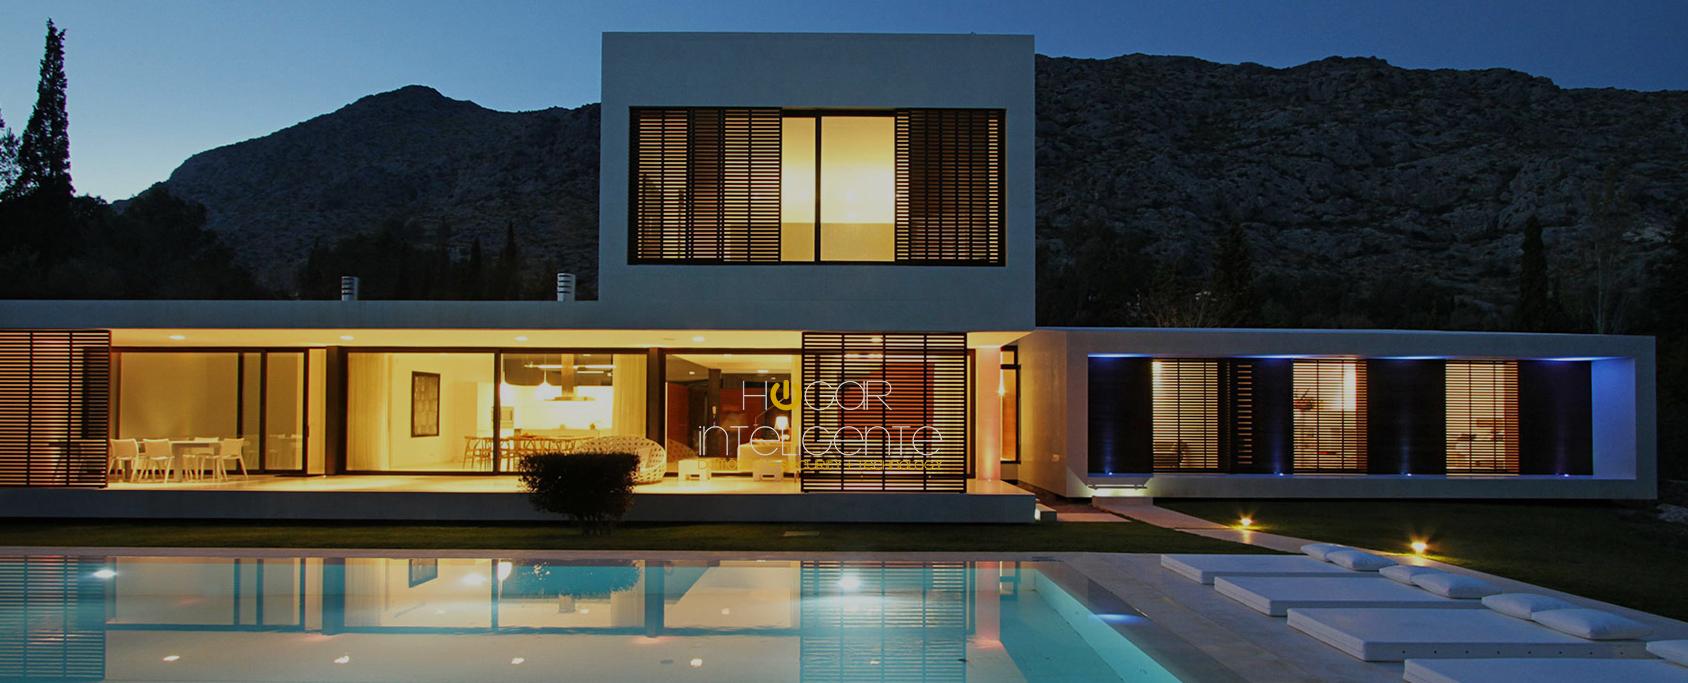 Haz de tu hogar un hogar inteligente